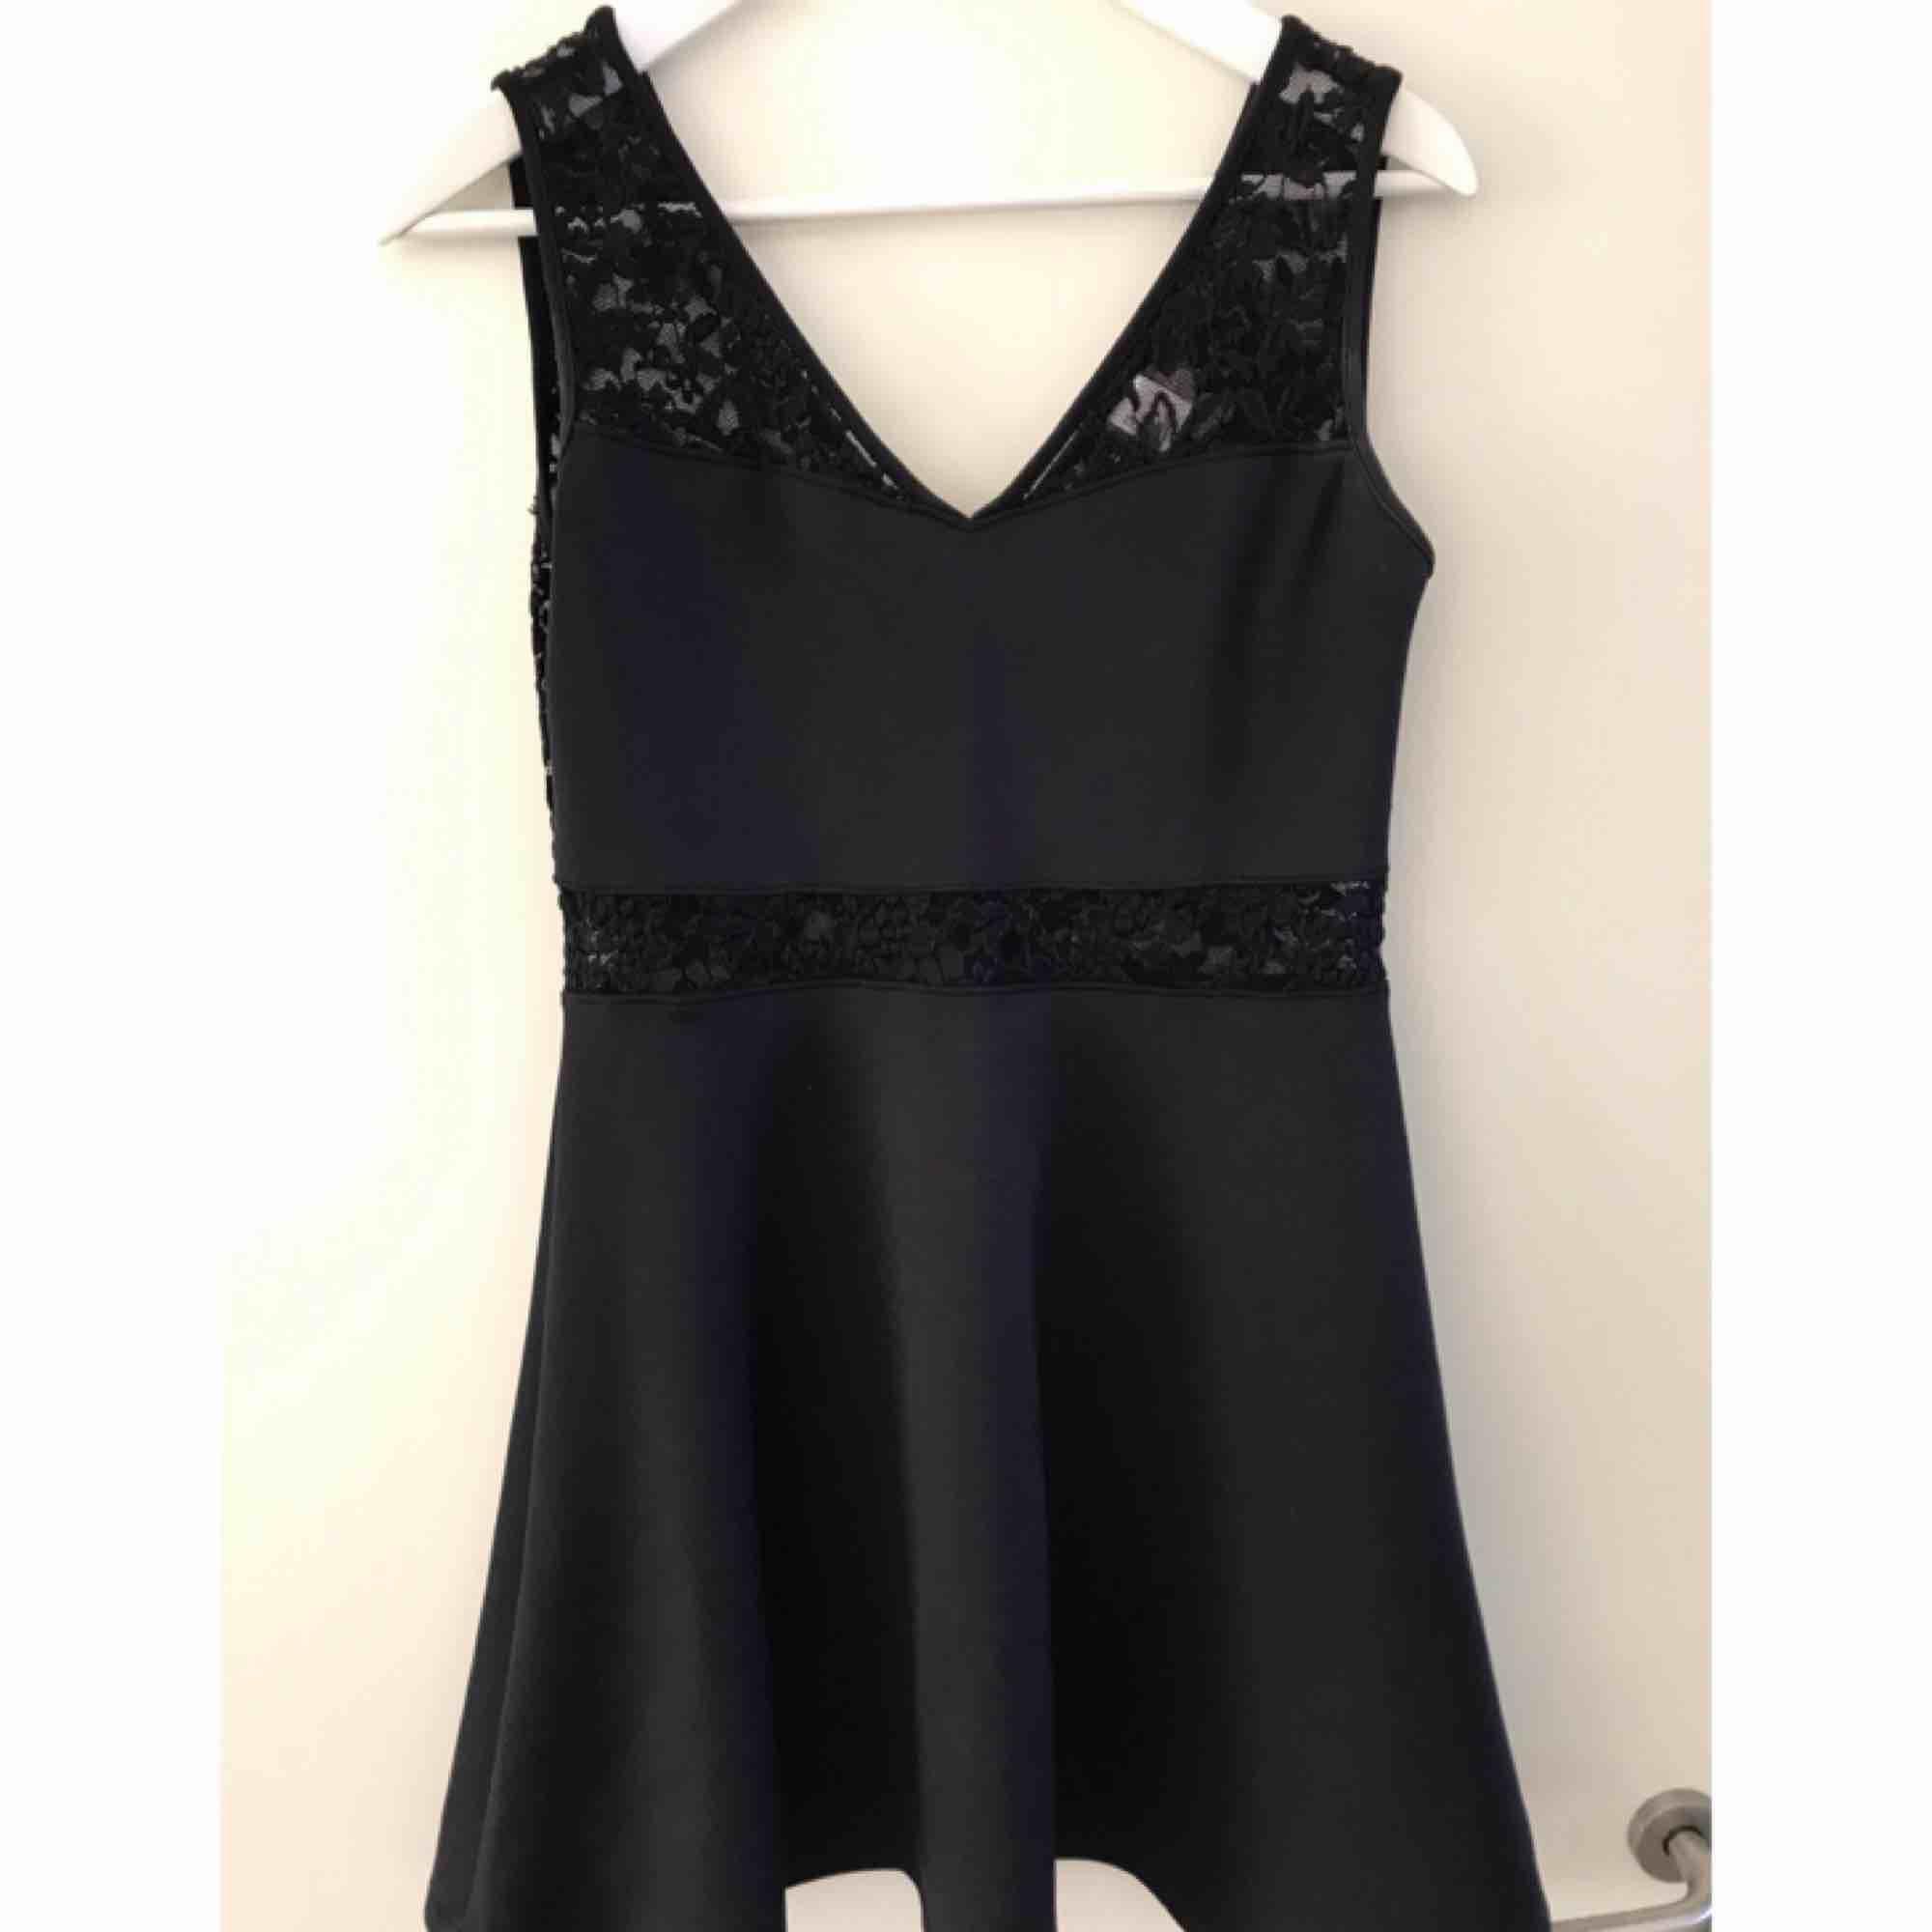 Jättesöt klänning, perfekt till sommarens festligheter! . Klänningar.